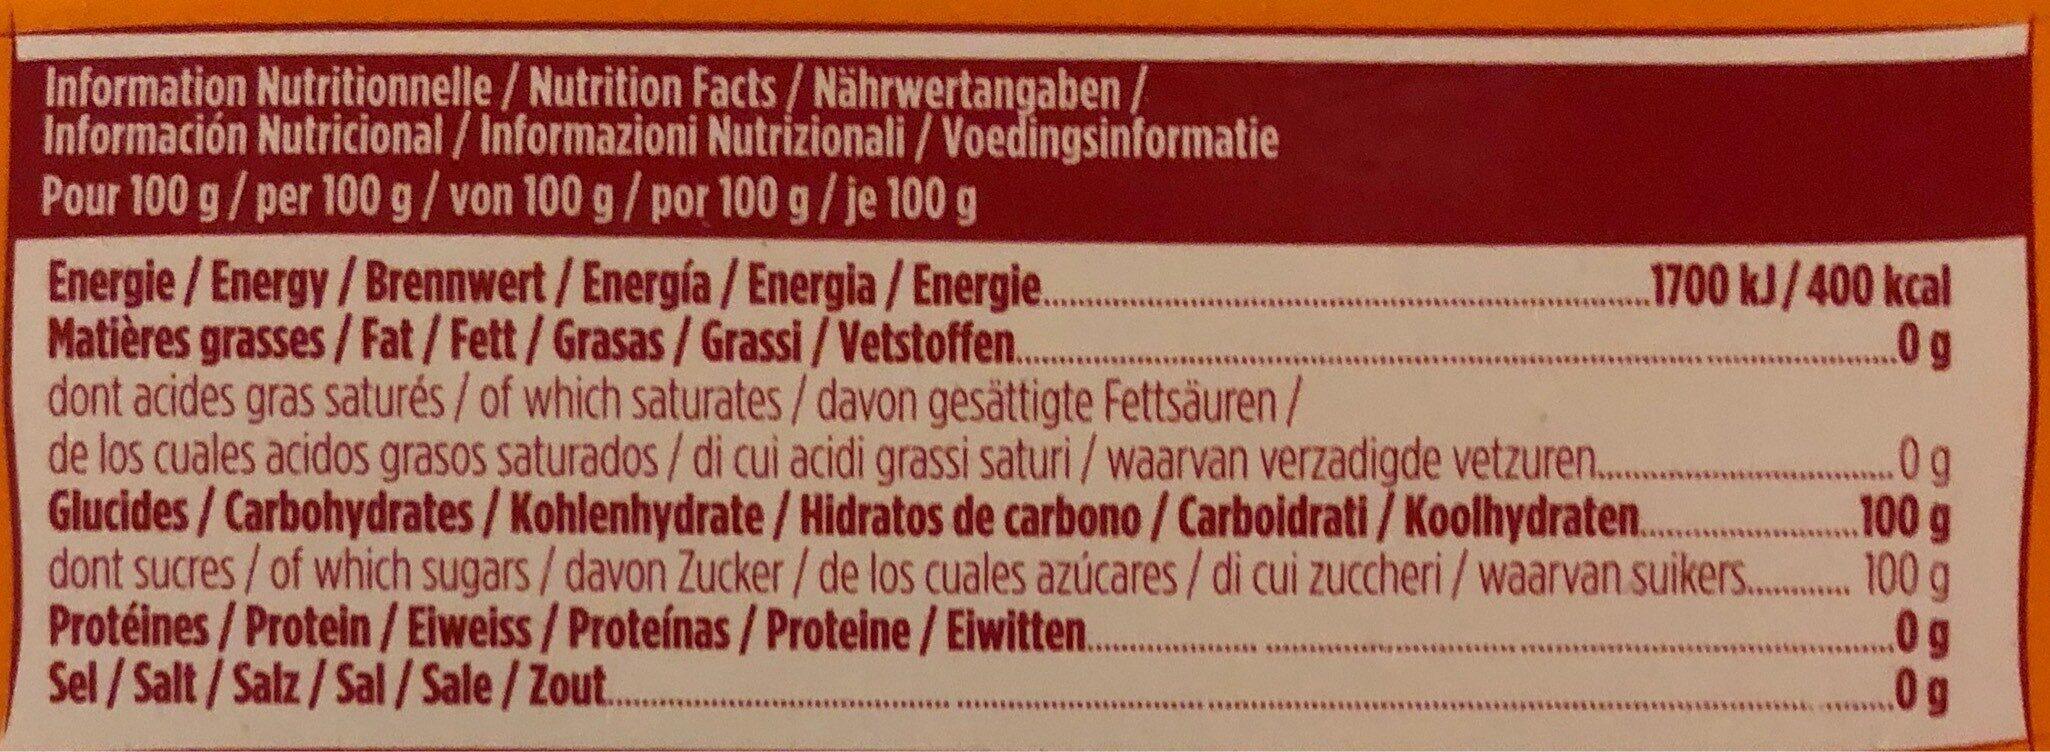 La Perruche morceaux irréguliers - Informations nutritionnelles - fr